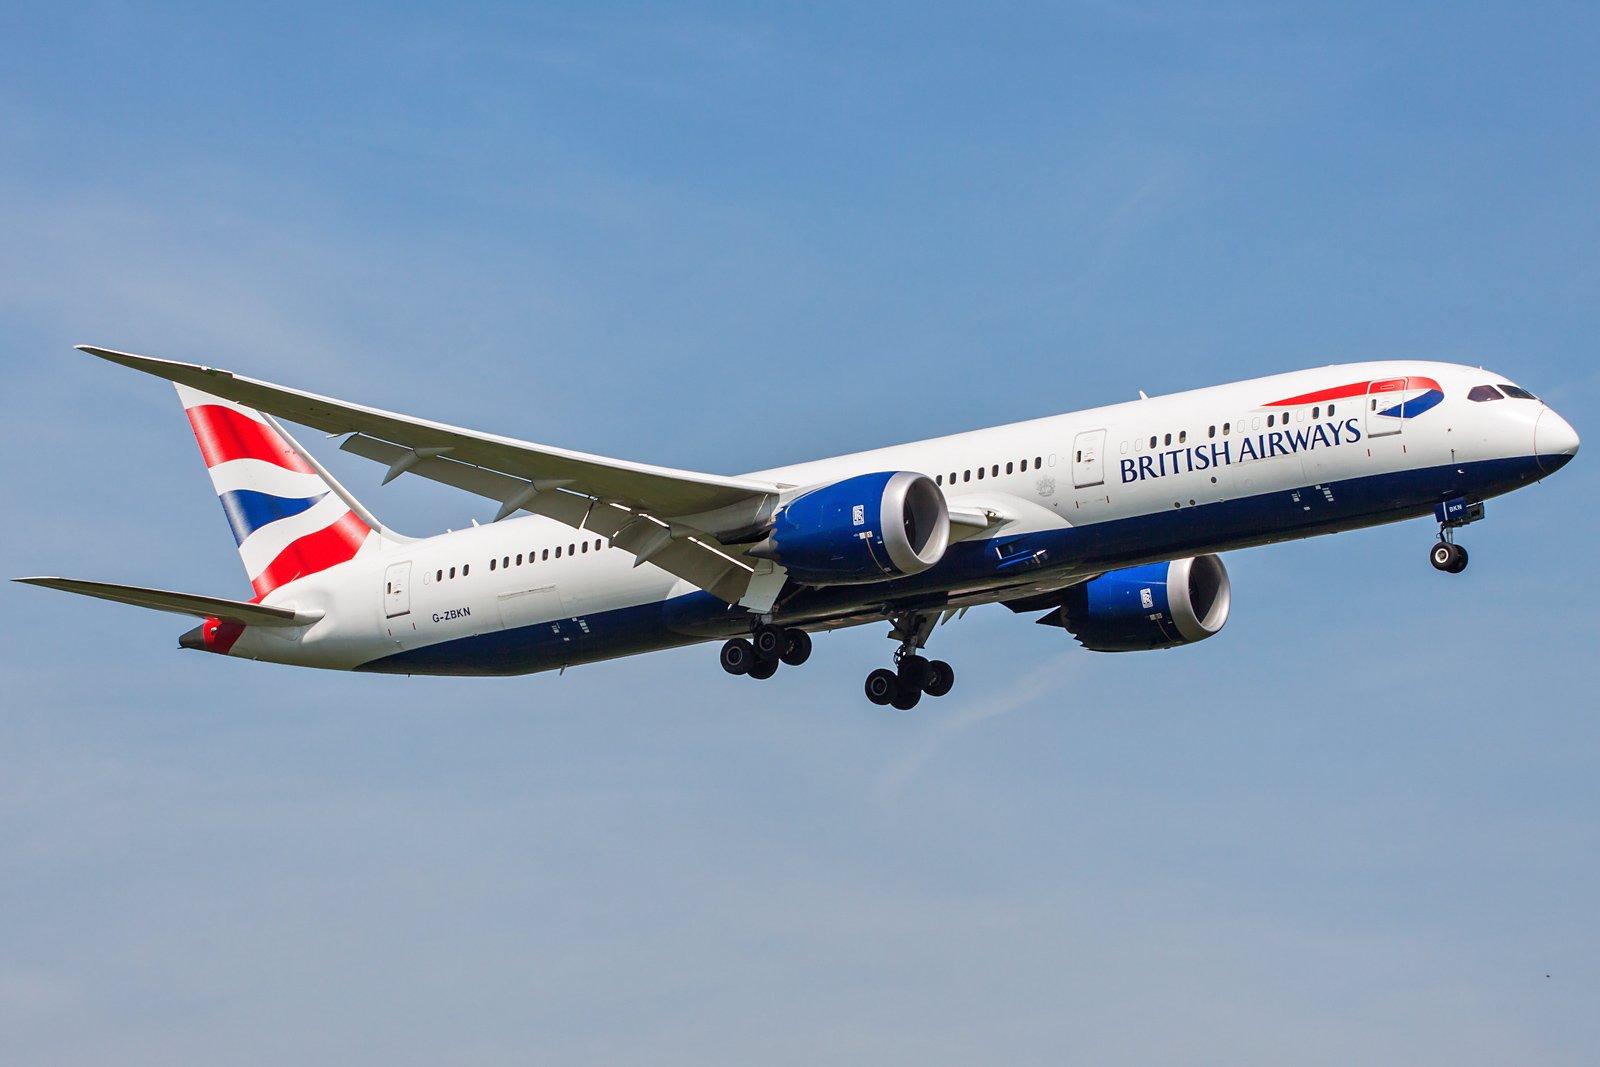 British Airways Boeing 787-9 Dreamliner G-ZBKN